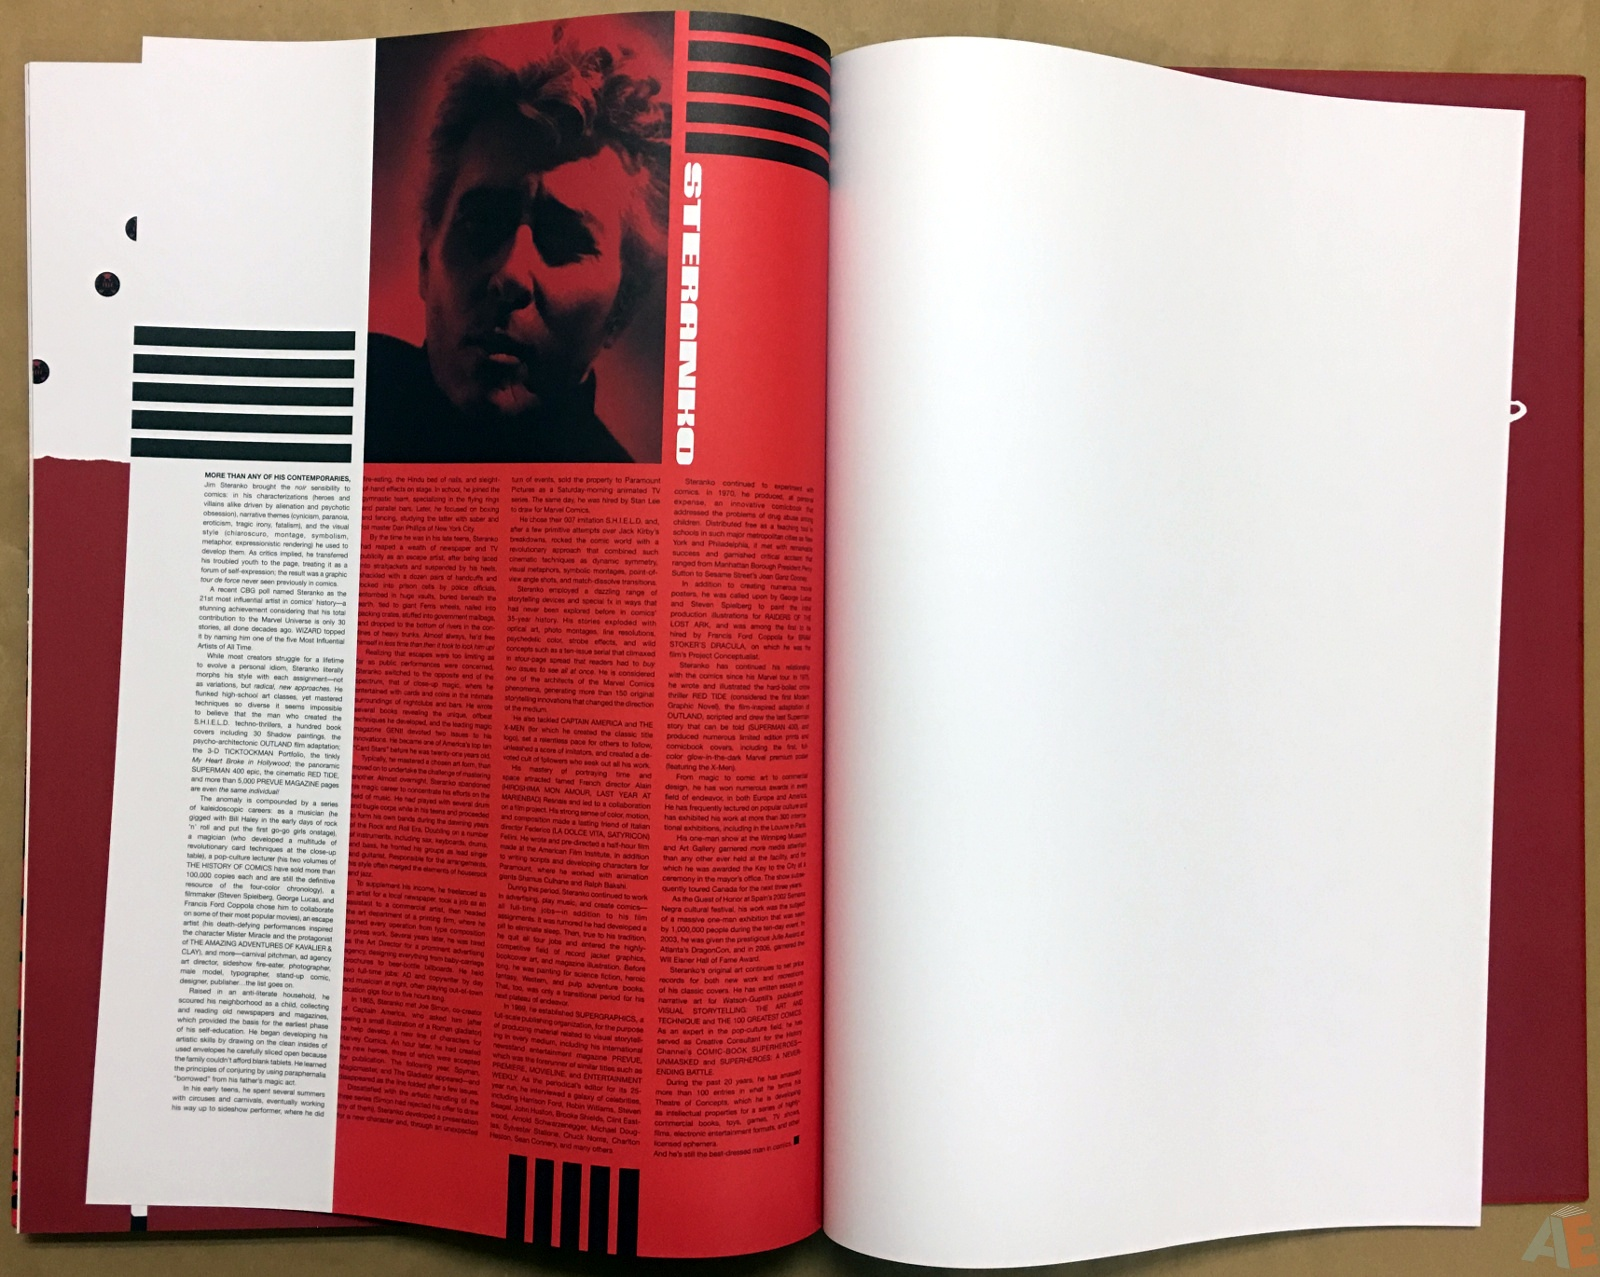 Steranko Nick Fury Agent of S.H.I.E.L.D. Artist's Edition 68